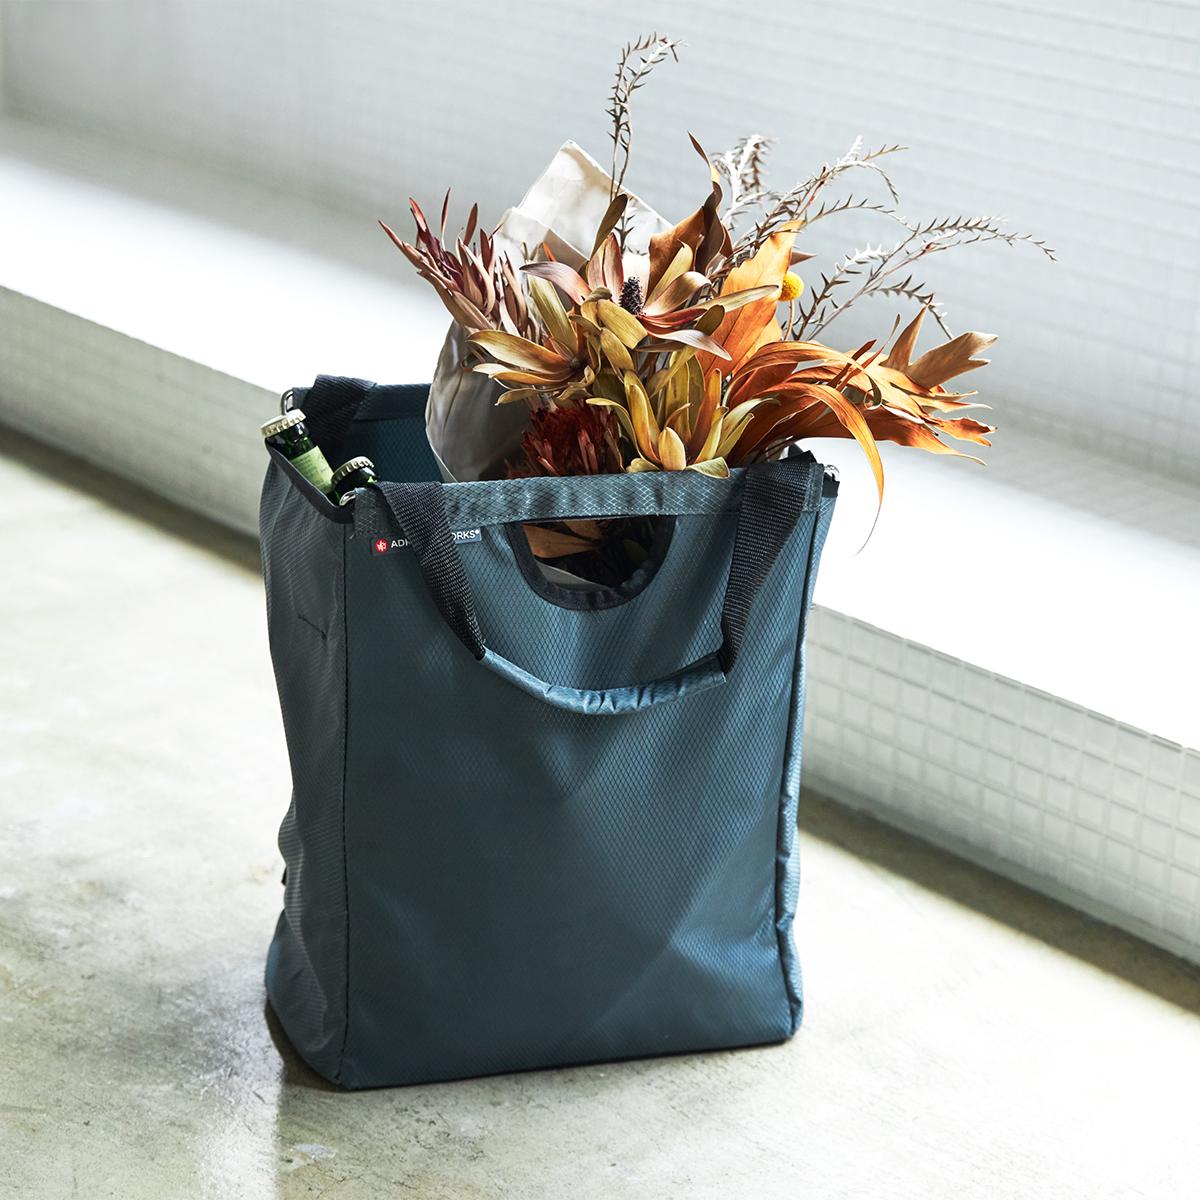 家からスーパーやマルシェ、道の駅へ、ガッツリ買い物に行く日の「メインエコバッグ」として、おすすめ。たためる金属フレーム入り!自立するから、柔らかいパンや葉物野菜、花を潰さない「箱型エコバッグ」|ADK Packworks